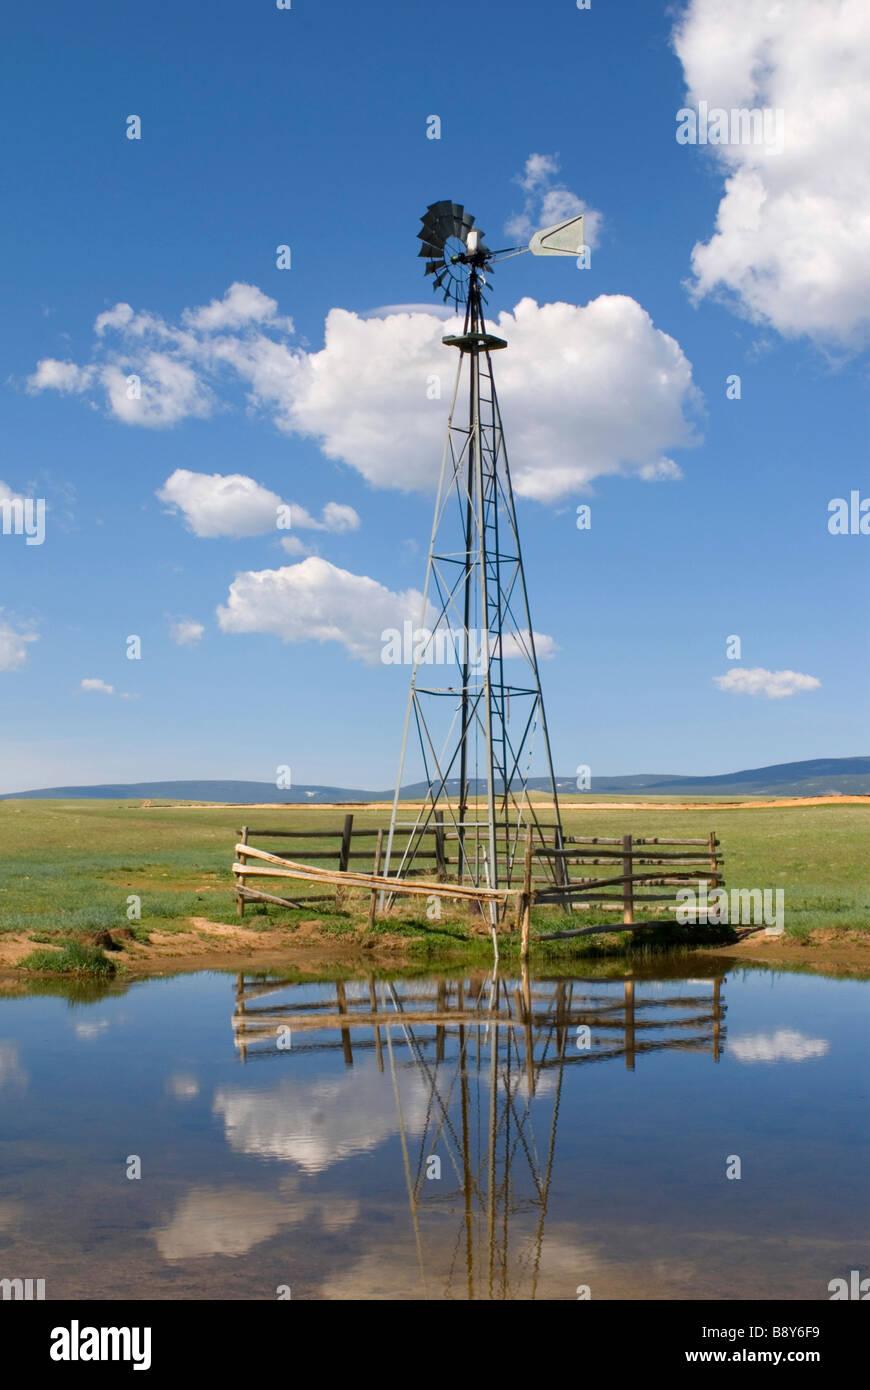 Reflejo de un molino de agua industrial, Wyoming, EE.UU. Imagen De Stock